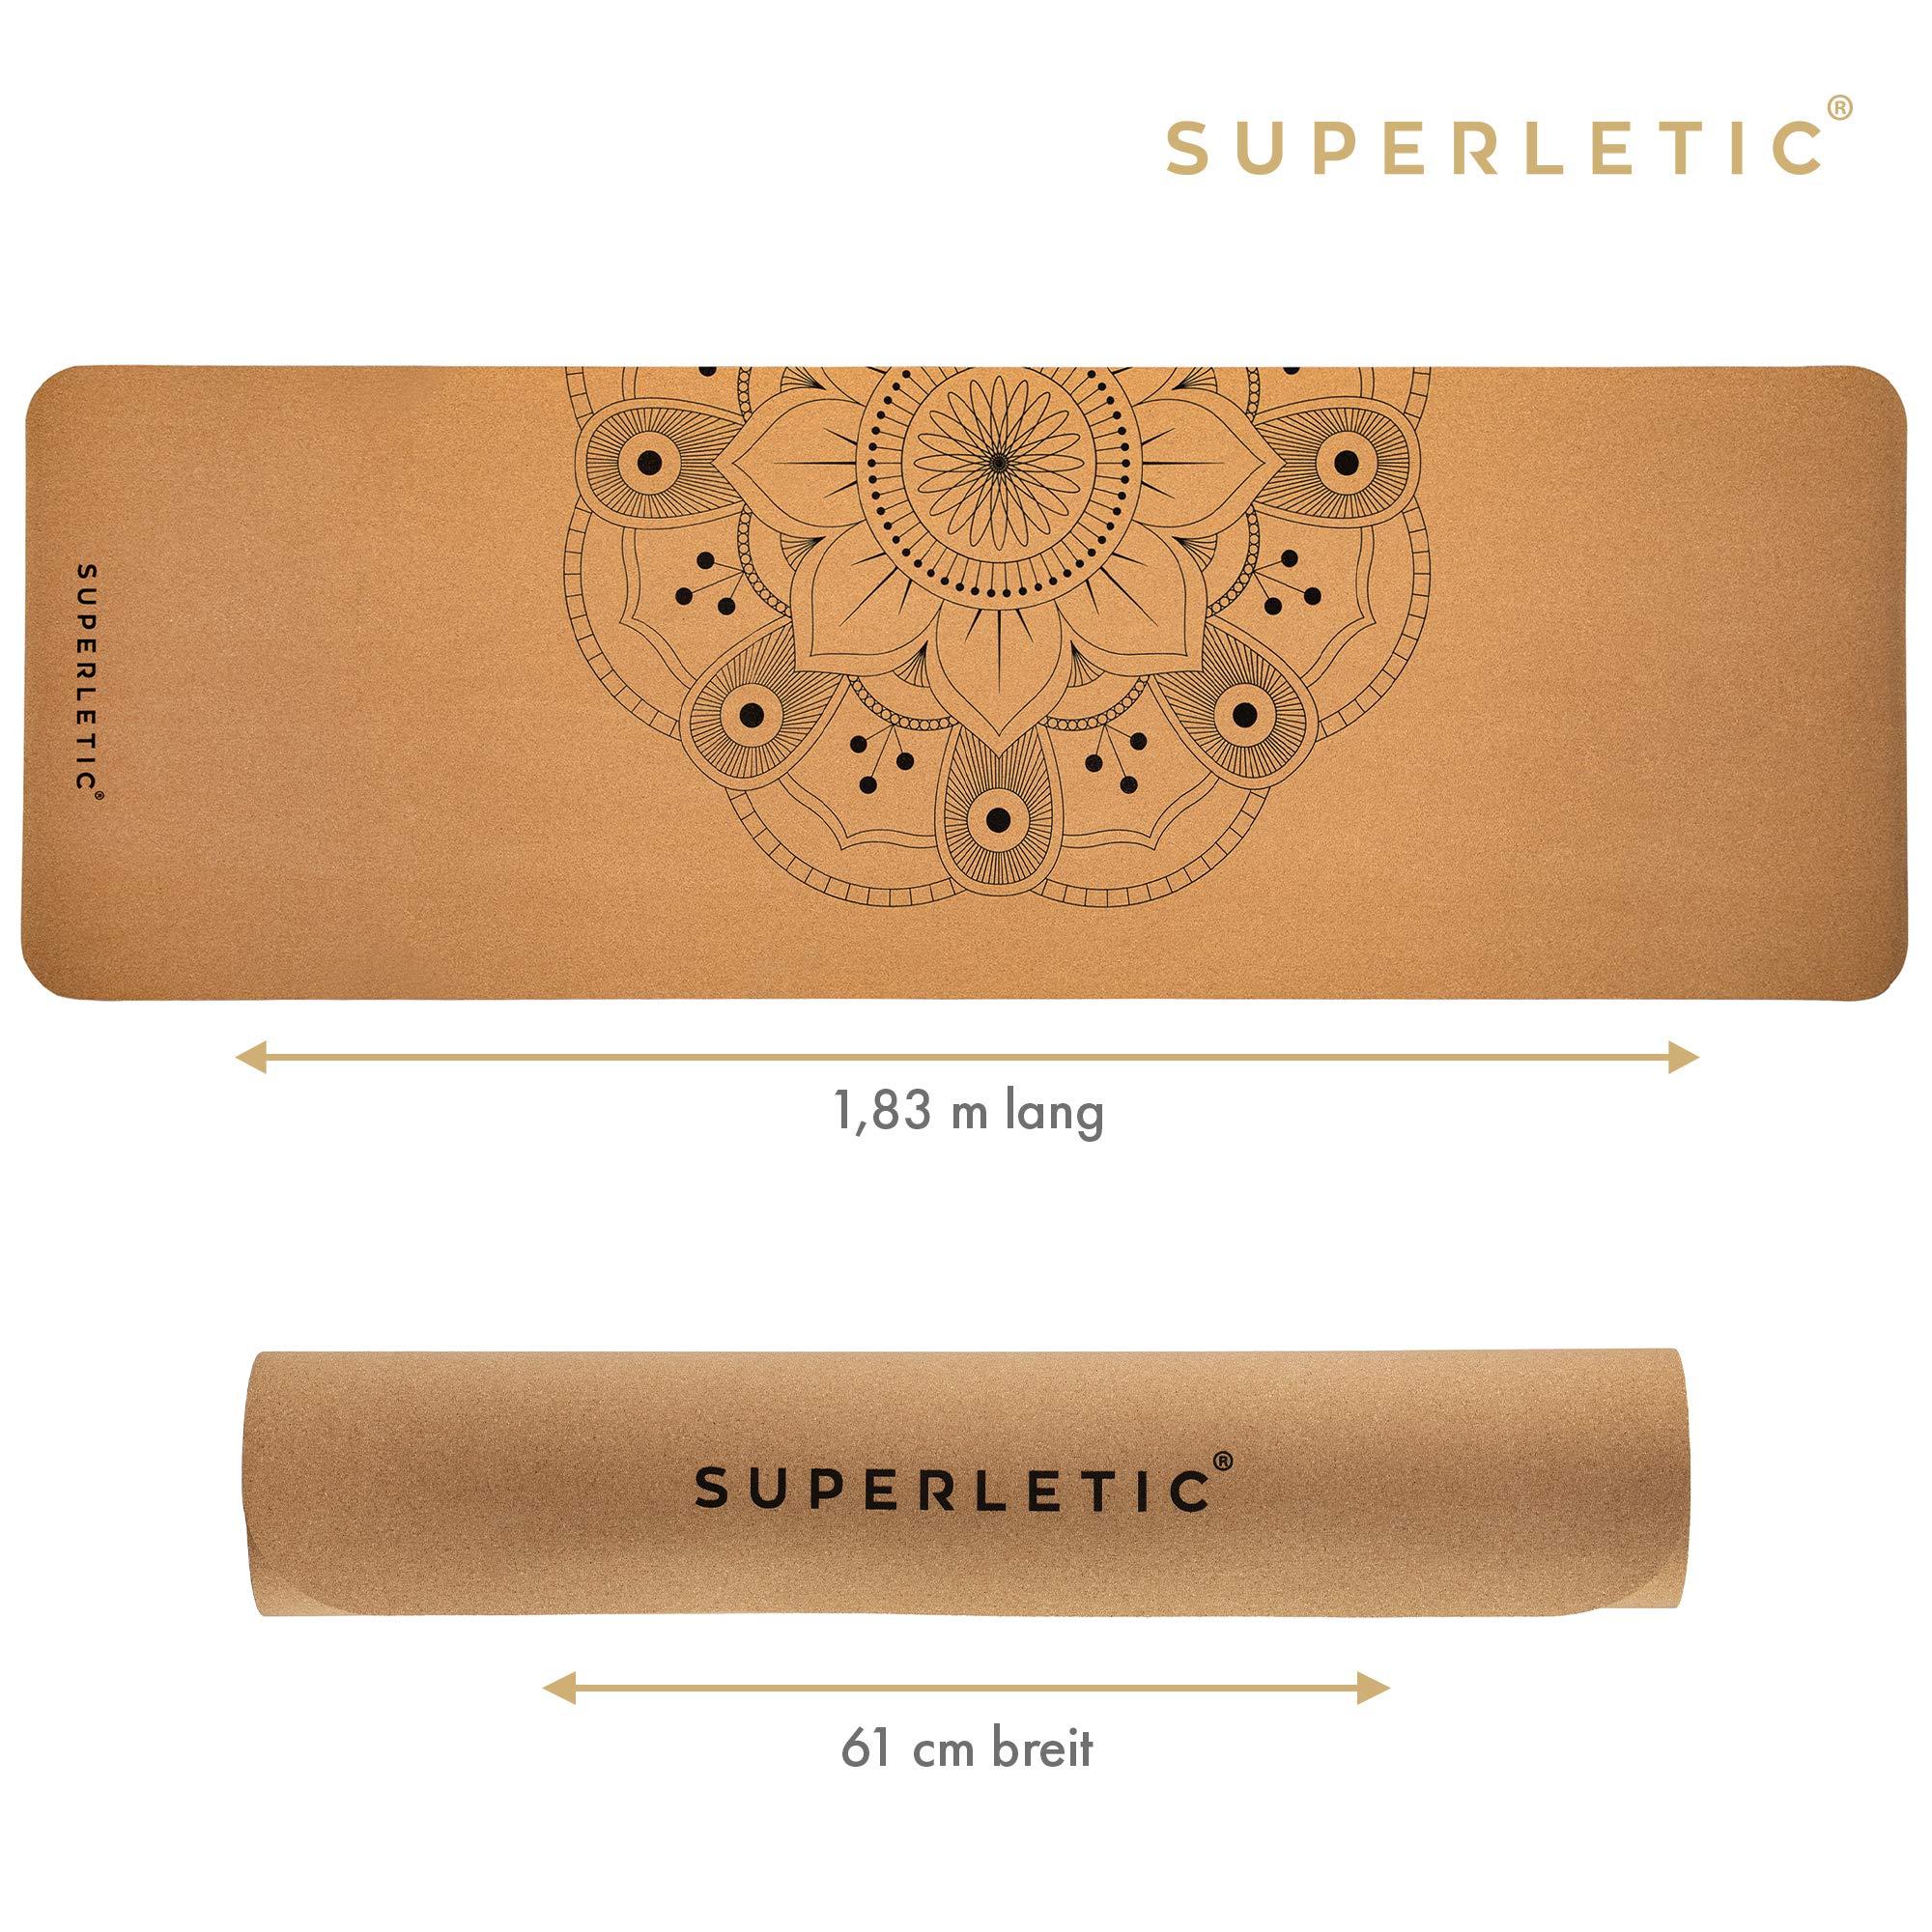 5 mm stark Anti-allergisch SUPERLETIC Yoga-Matte Professional aus TPE 100/% biologisch abbaubar rutschfest 183 x 61 cm schadstofffrei mit Trage-Gurt